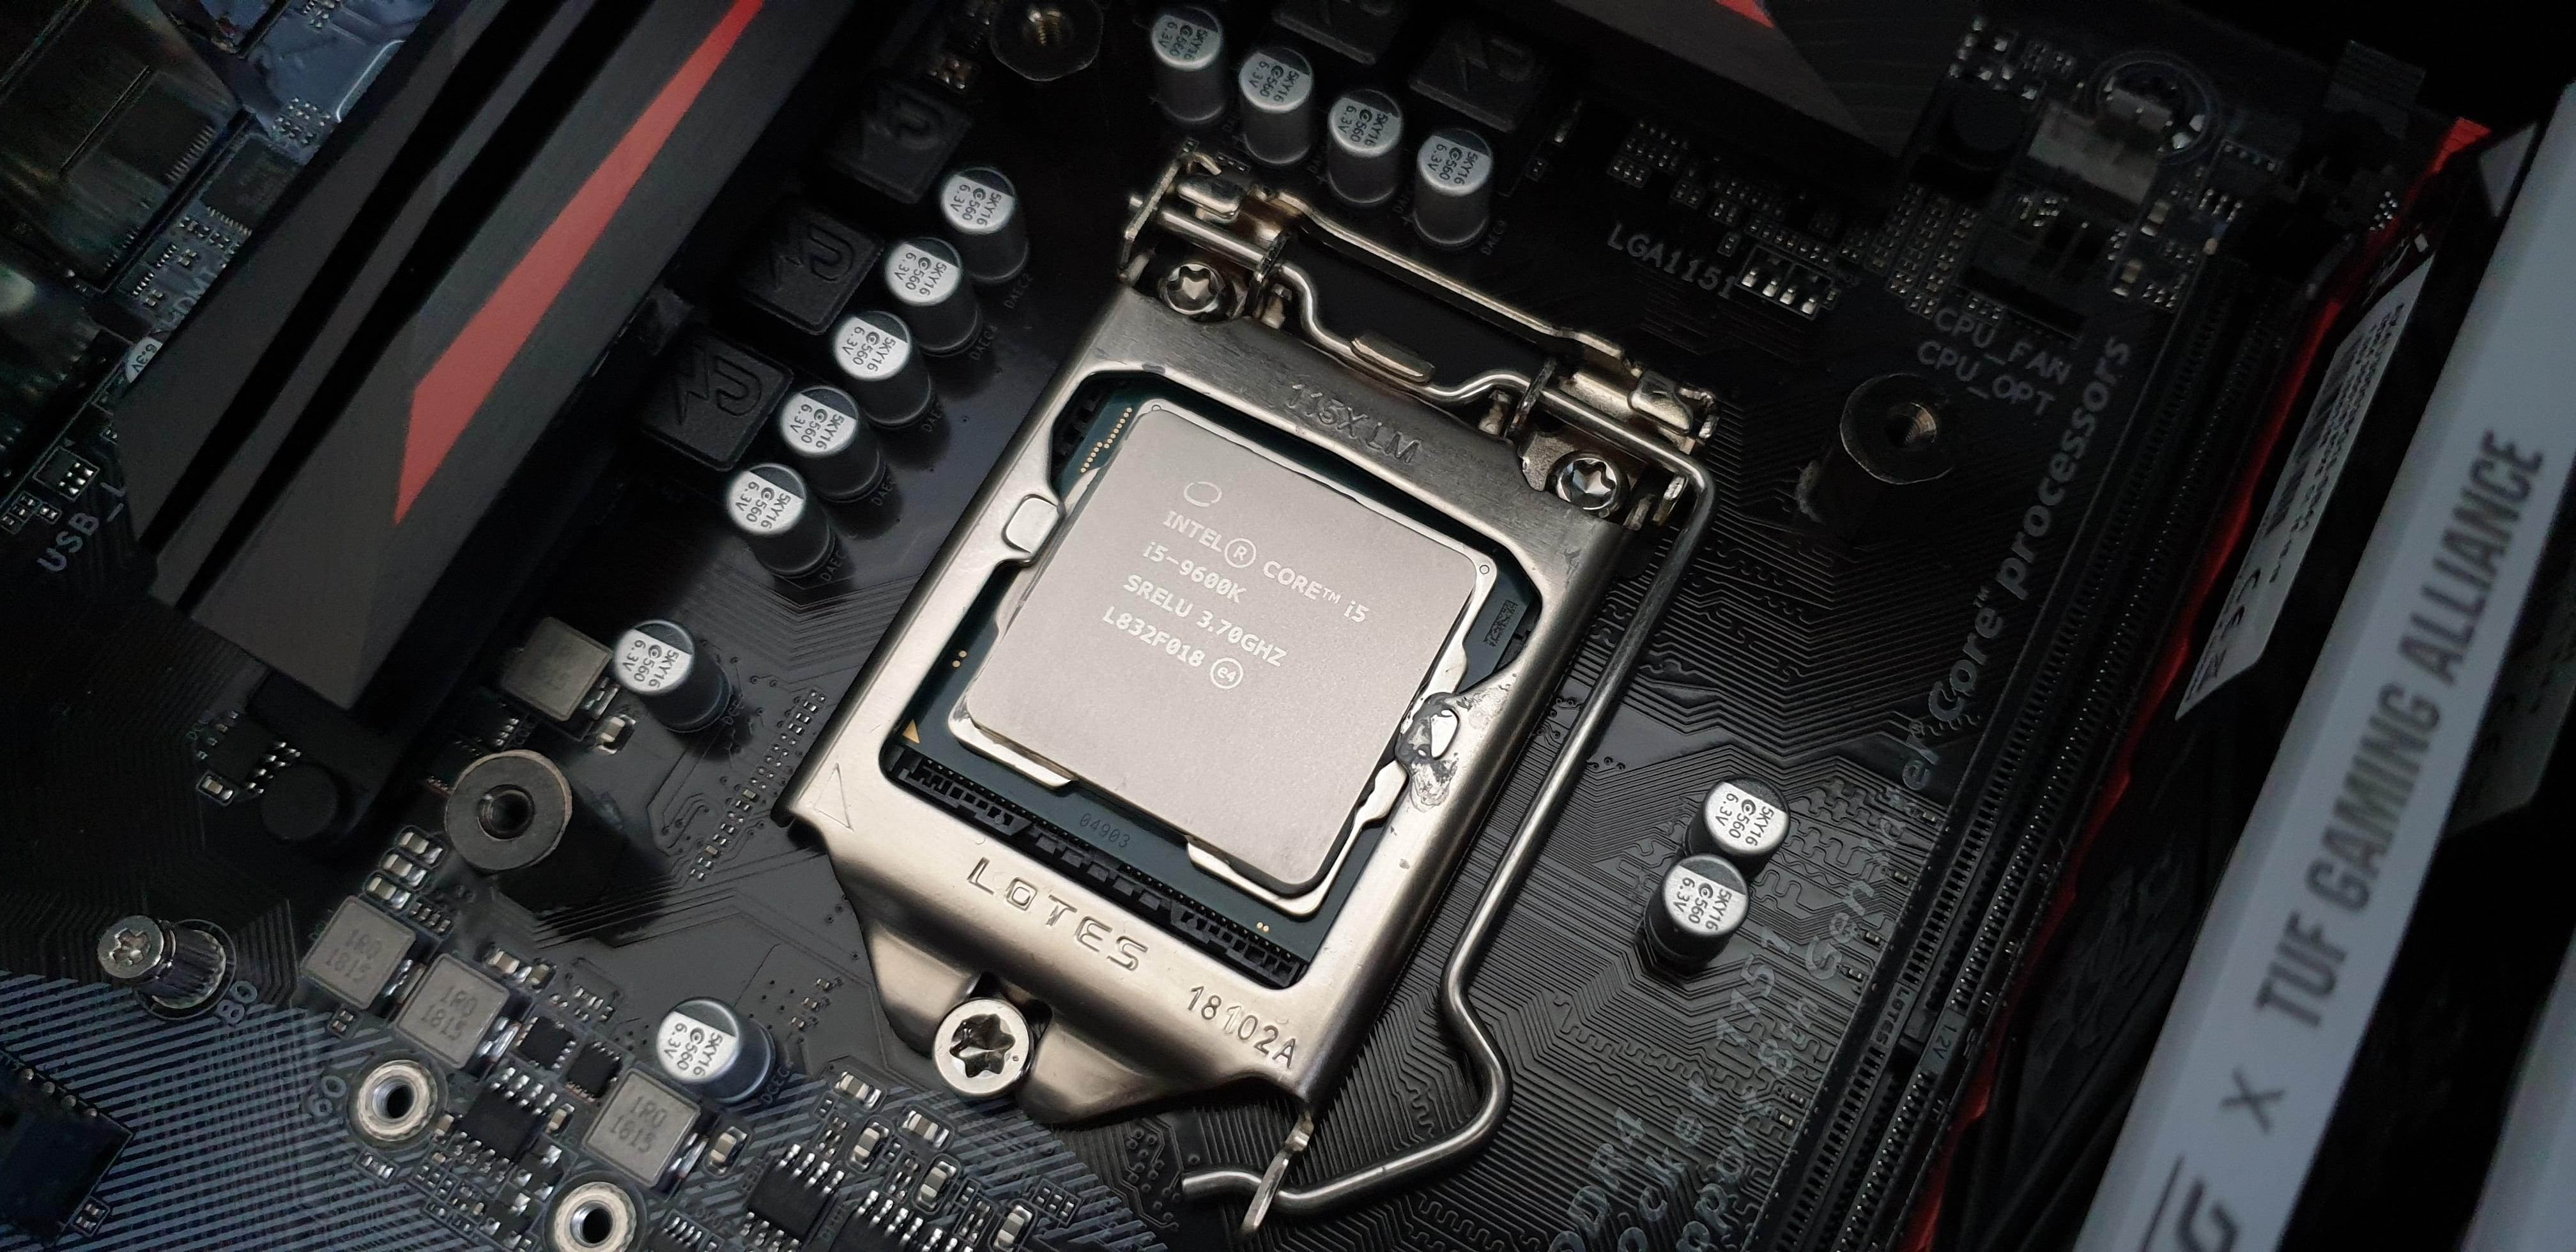 Testujemy cooler dla CPU - Cooler Master Hyper 212 RGB Phantom Gaming Edition. Warto? 32